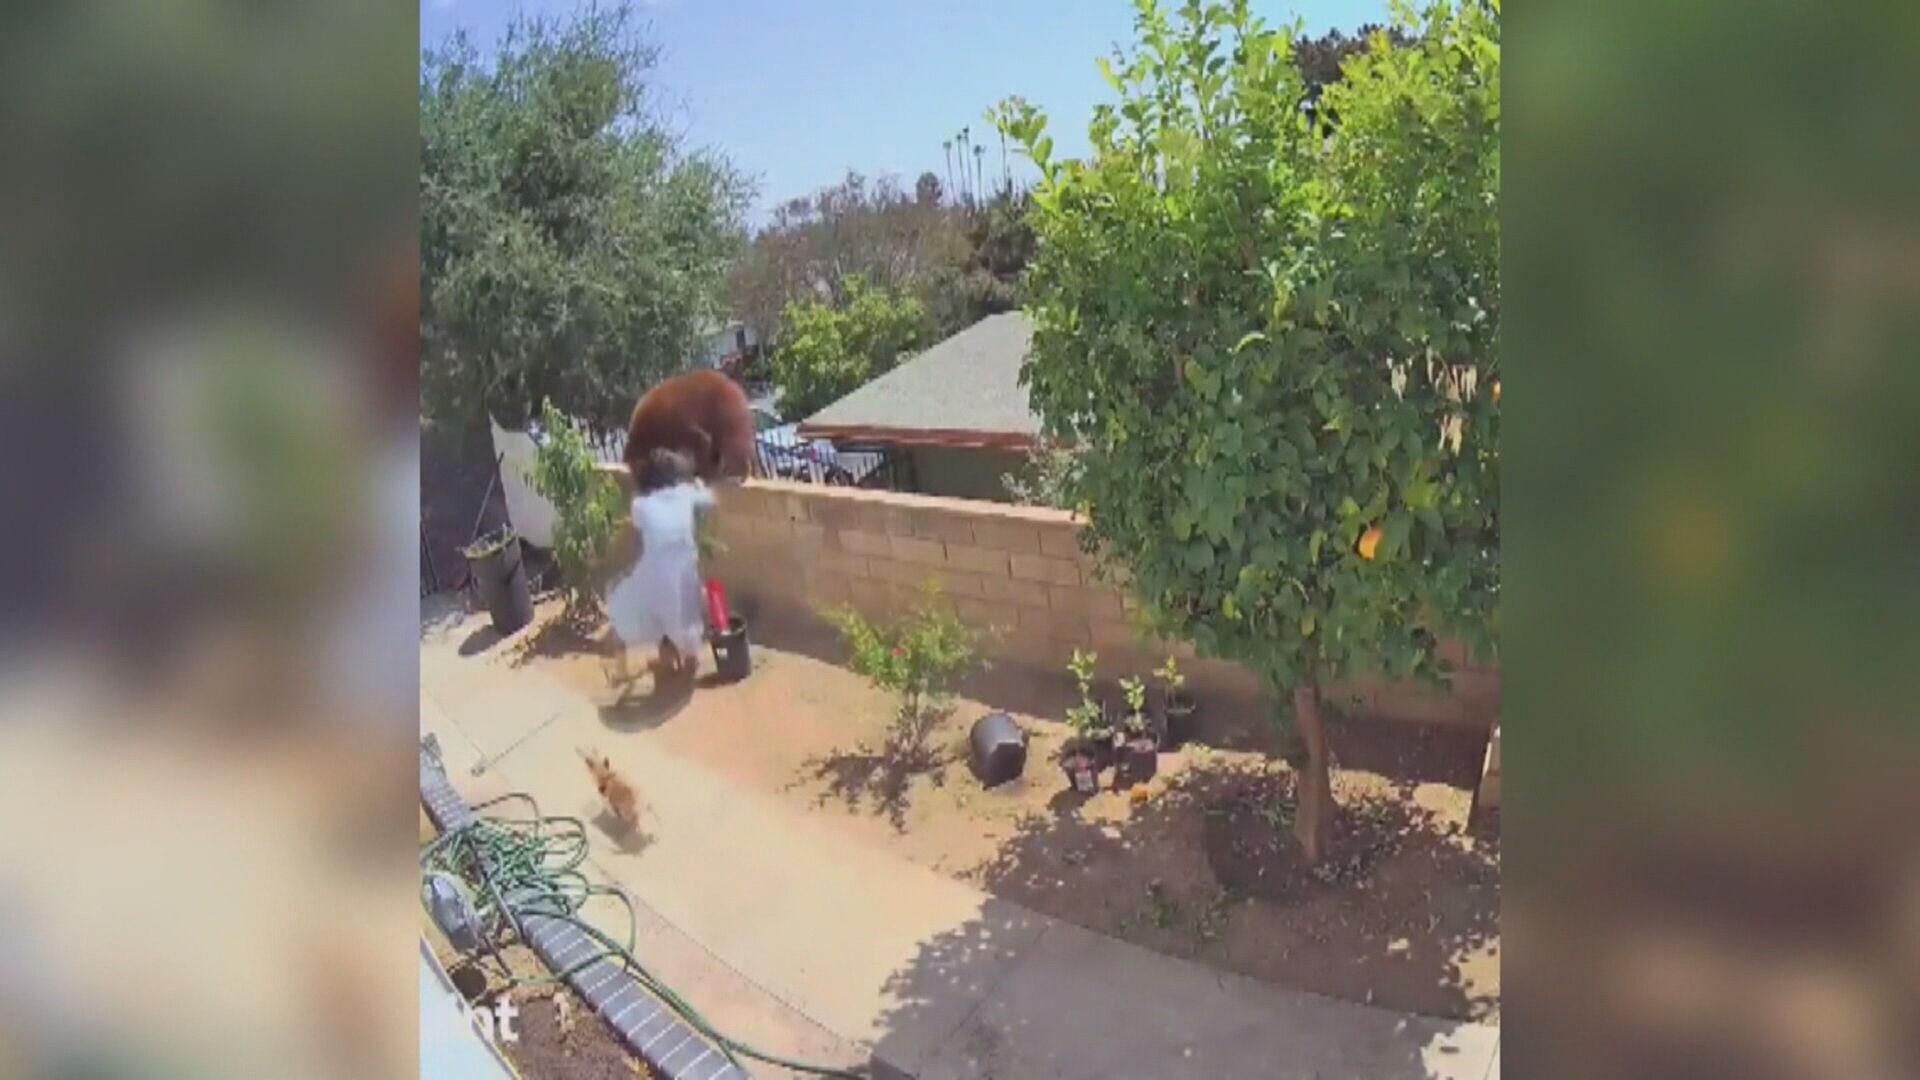 Adolescente empurrou ursa de muro nos EUA para salvar cão